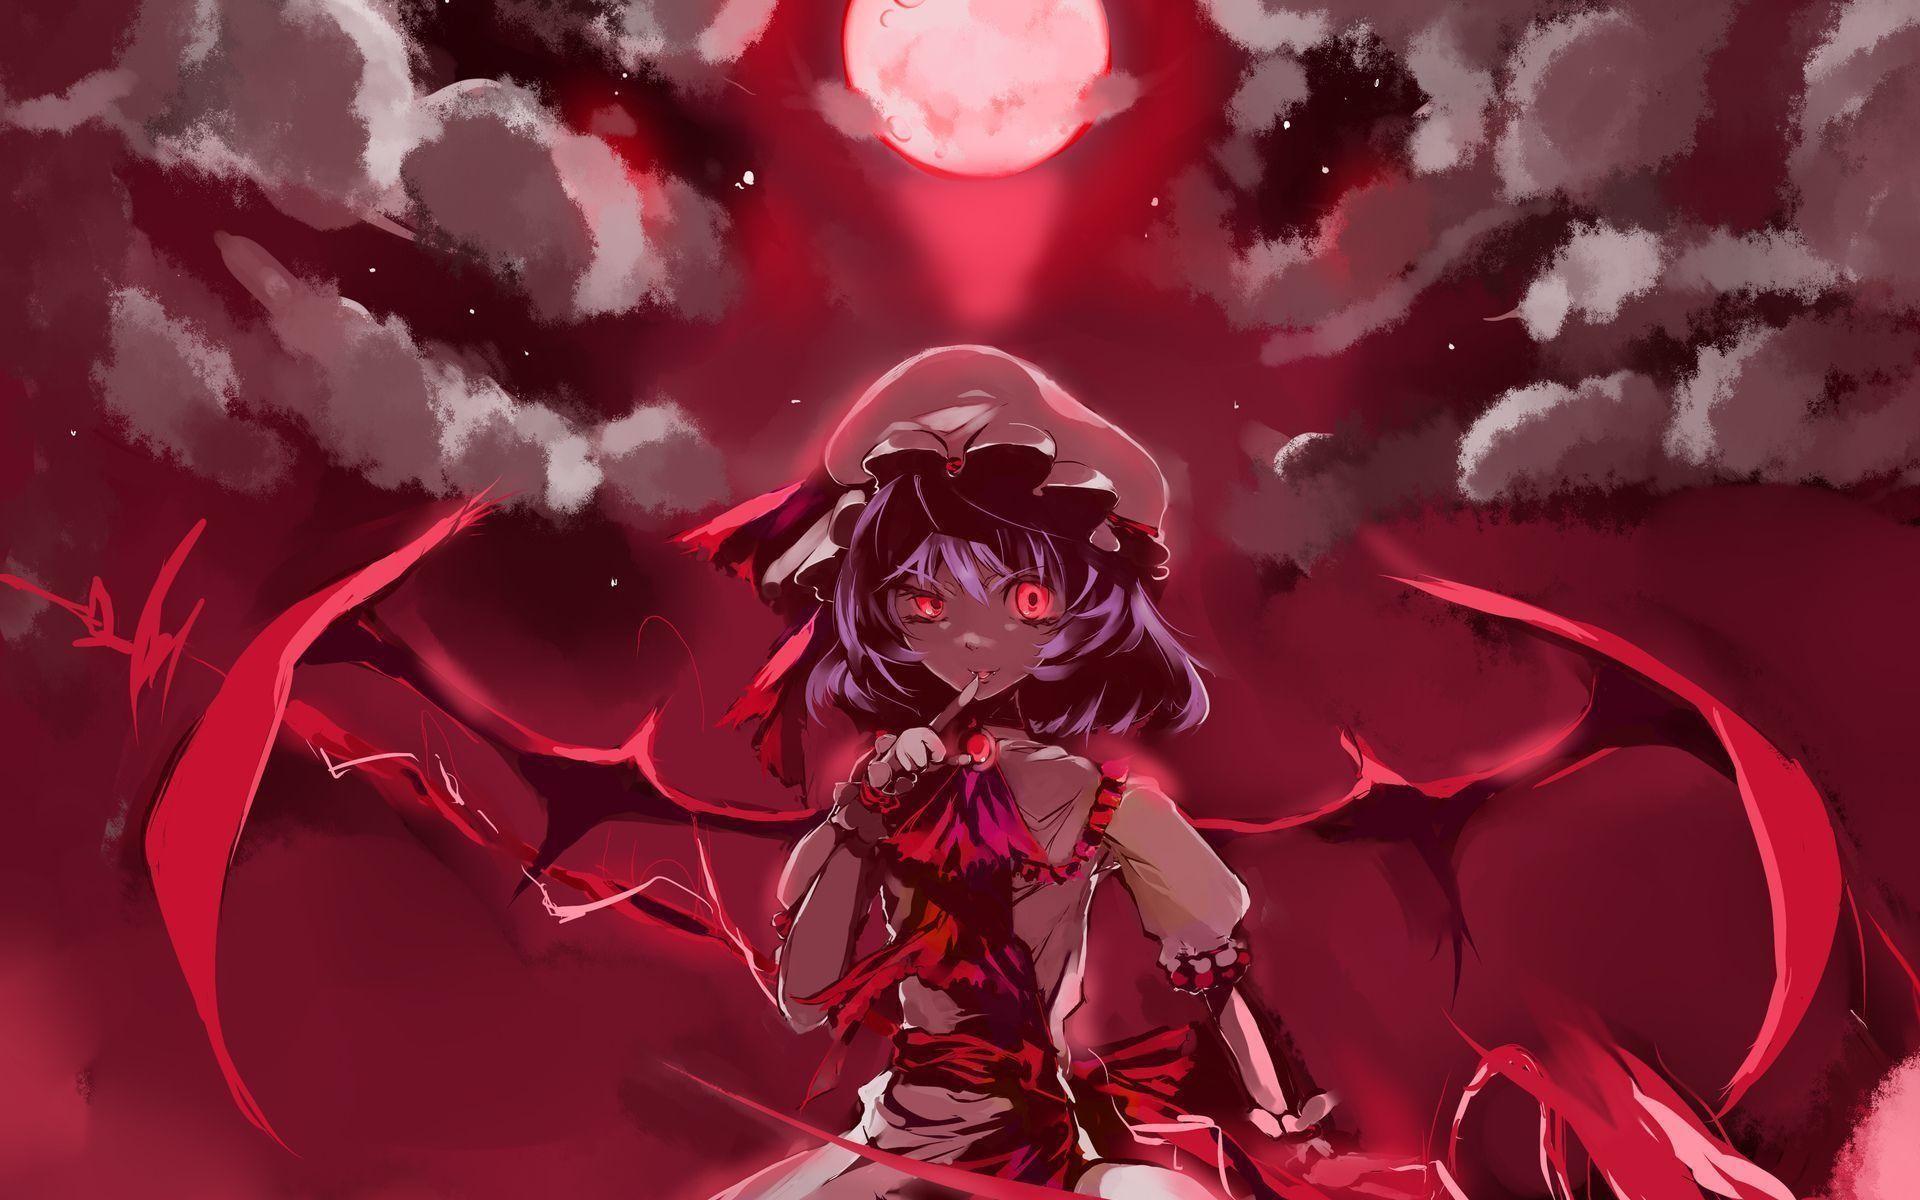 Anime Vampire Girl Wallpaper 70 Images